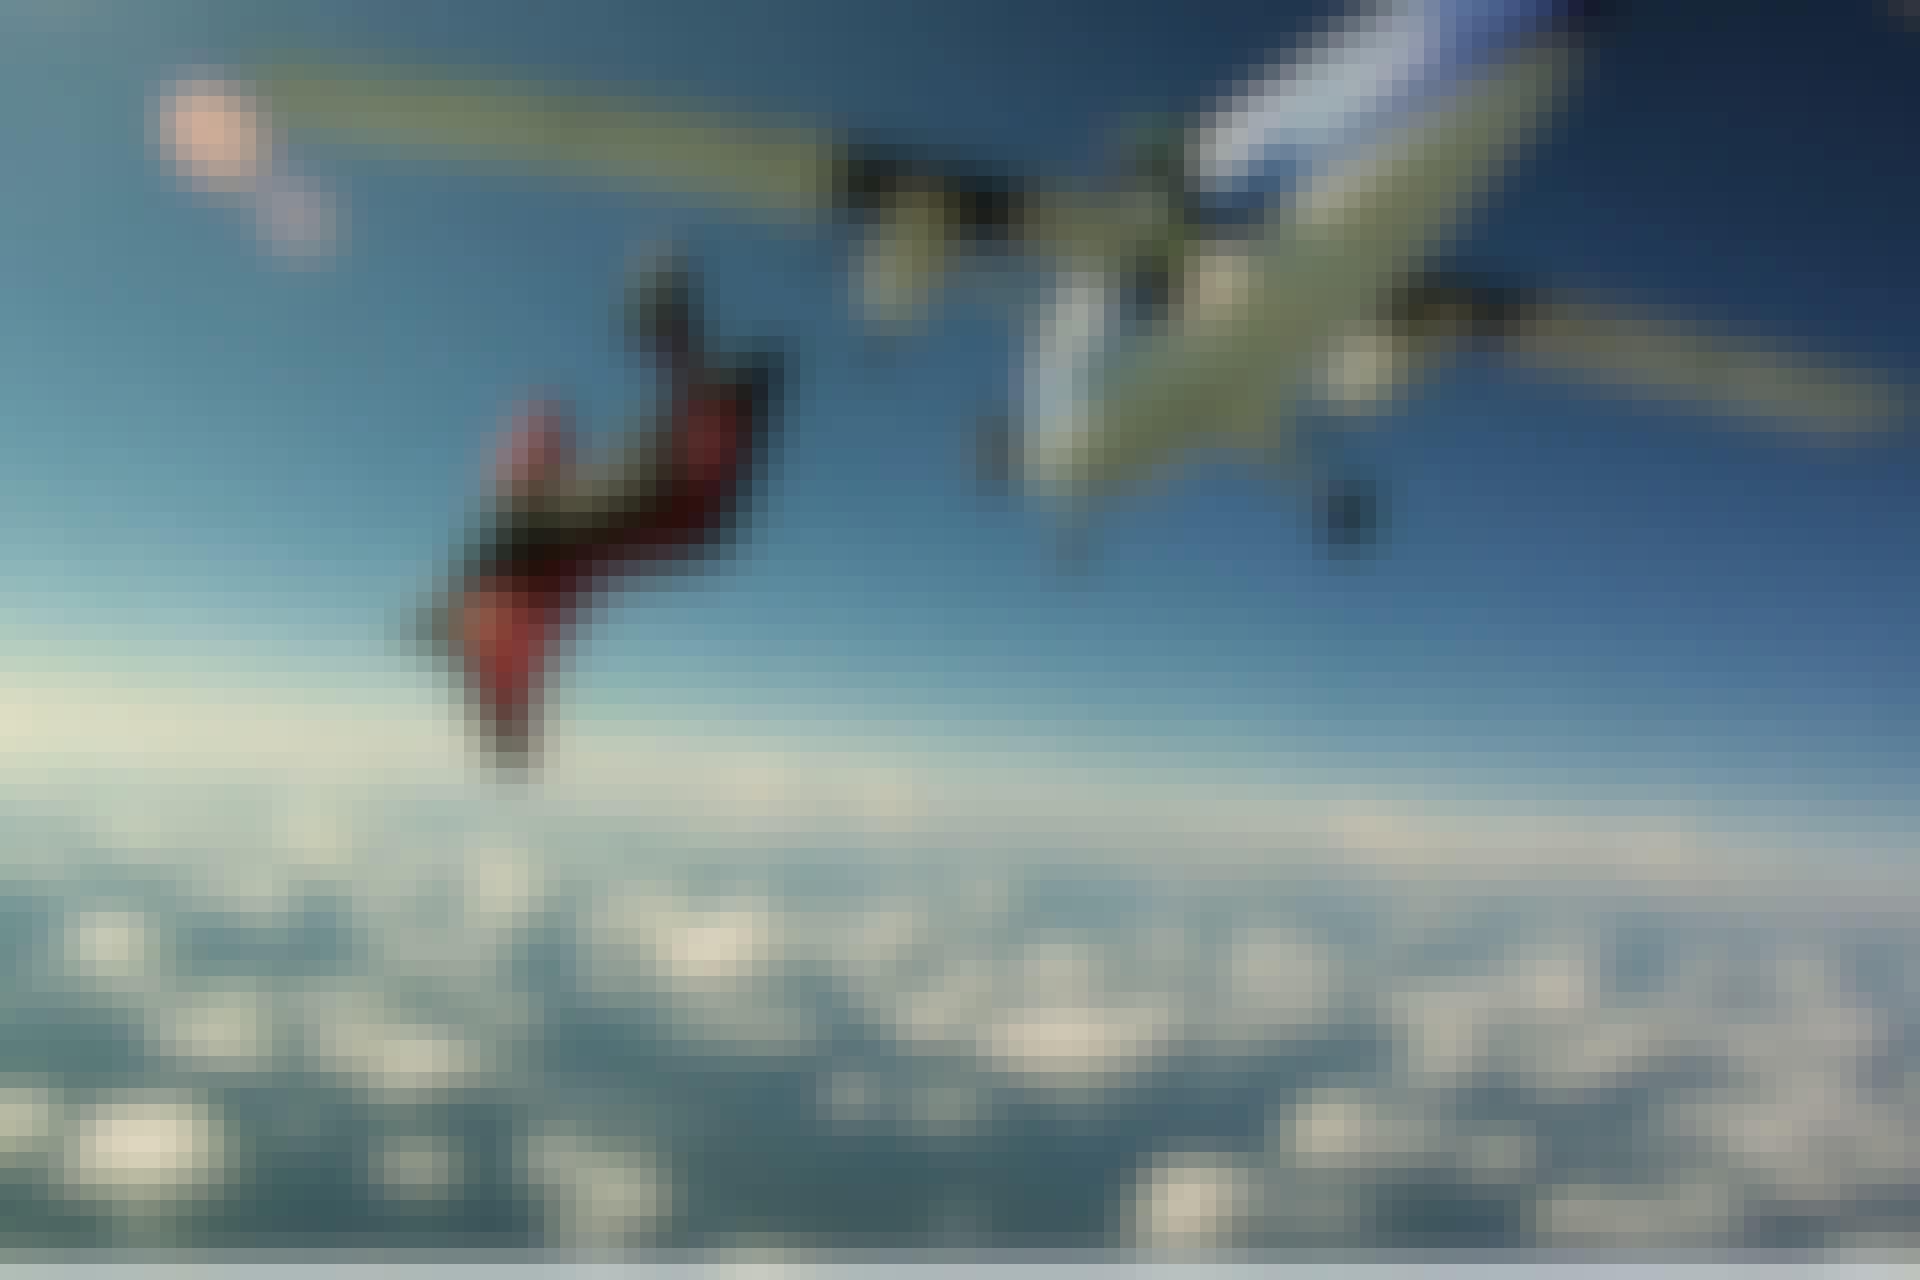 Adrenalin junkies vingedragter